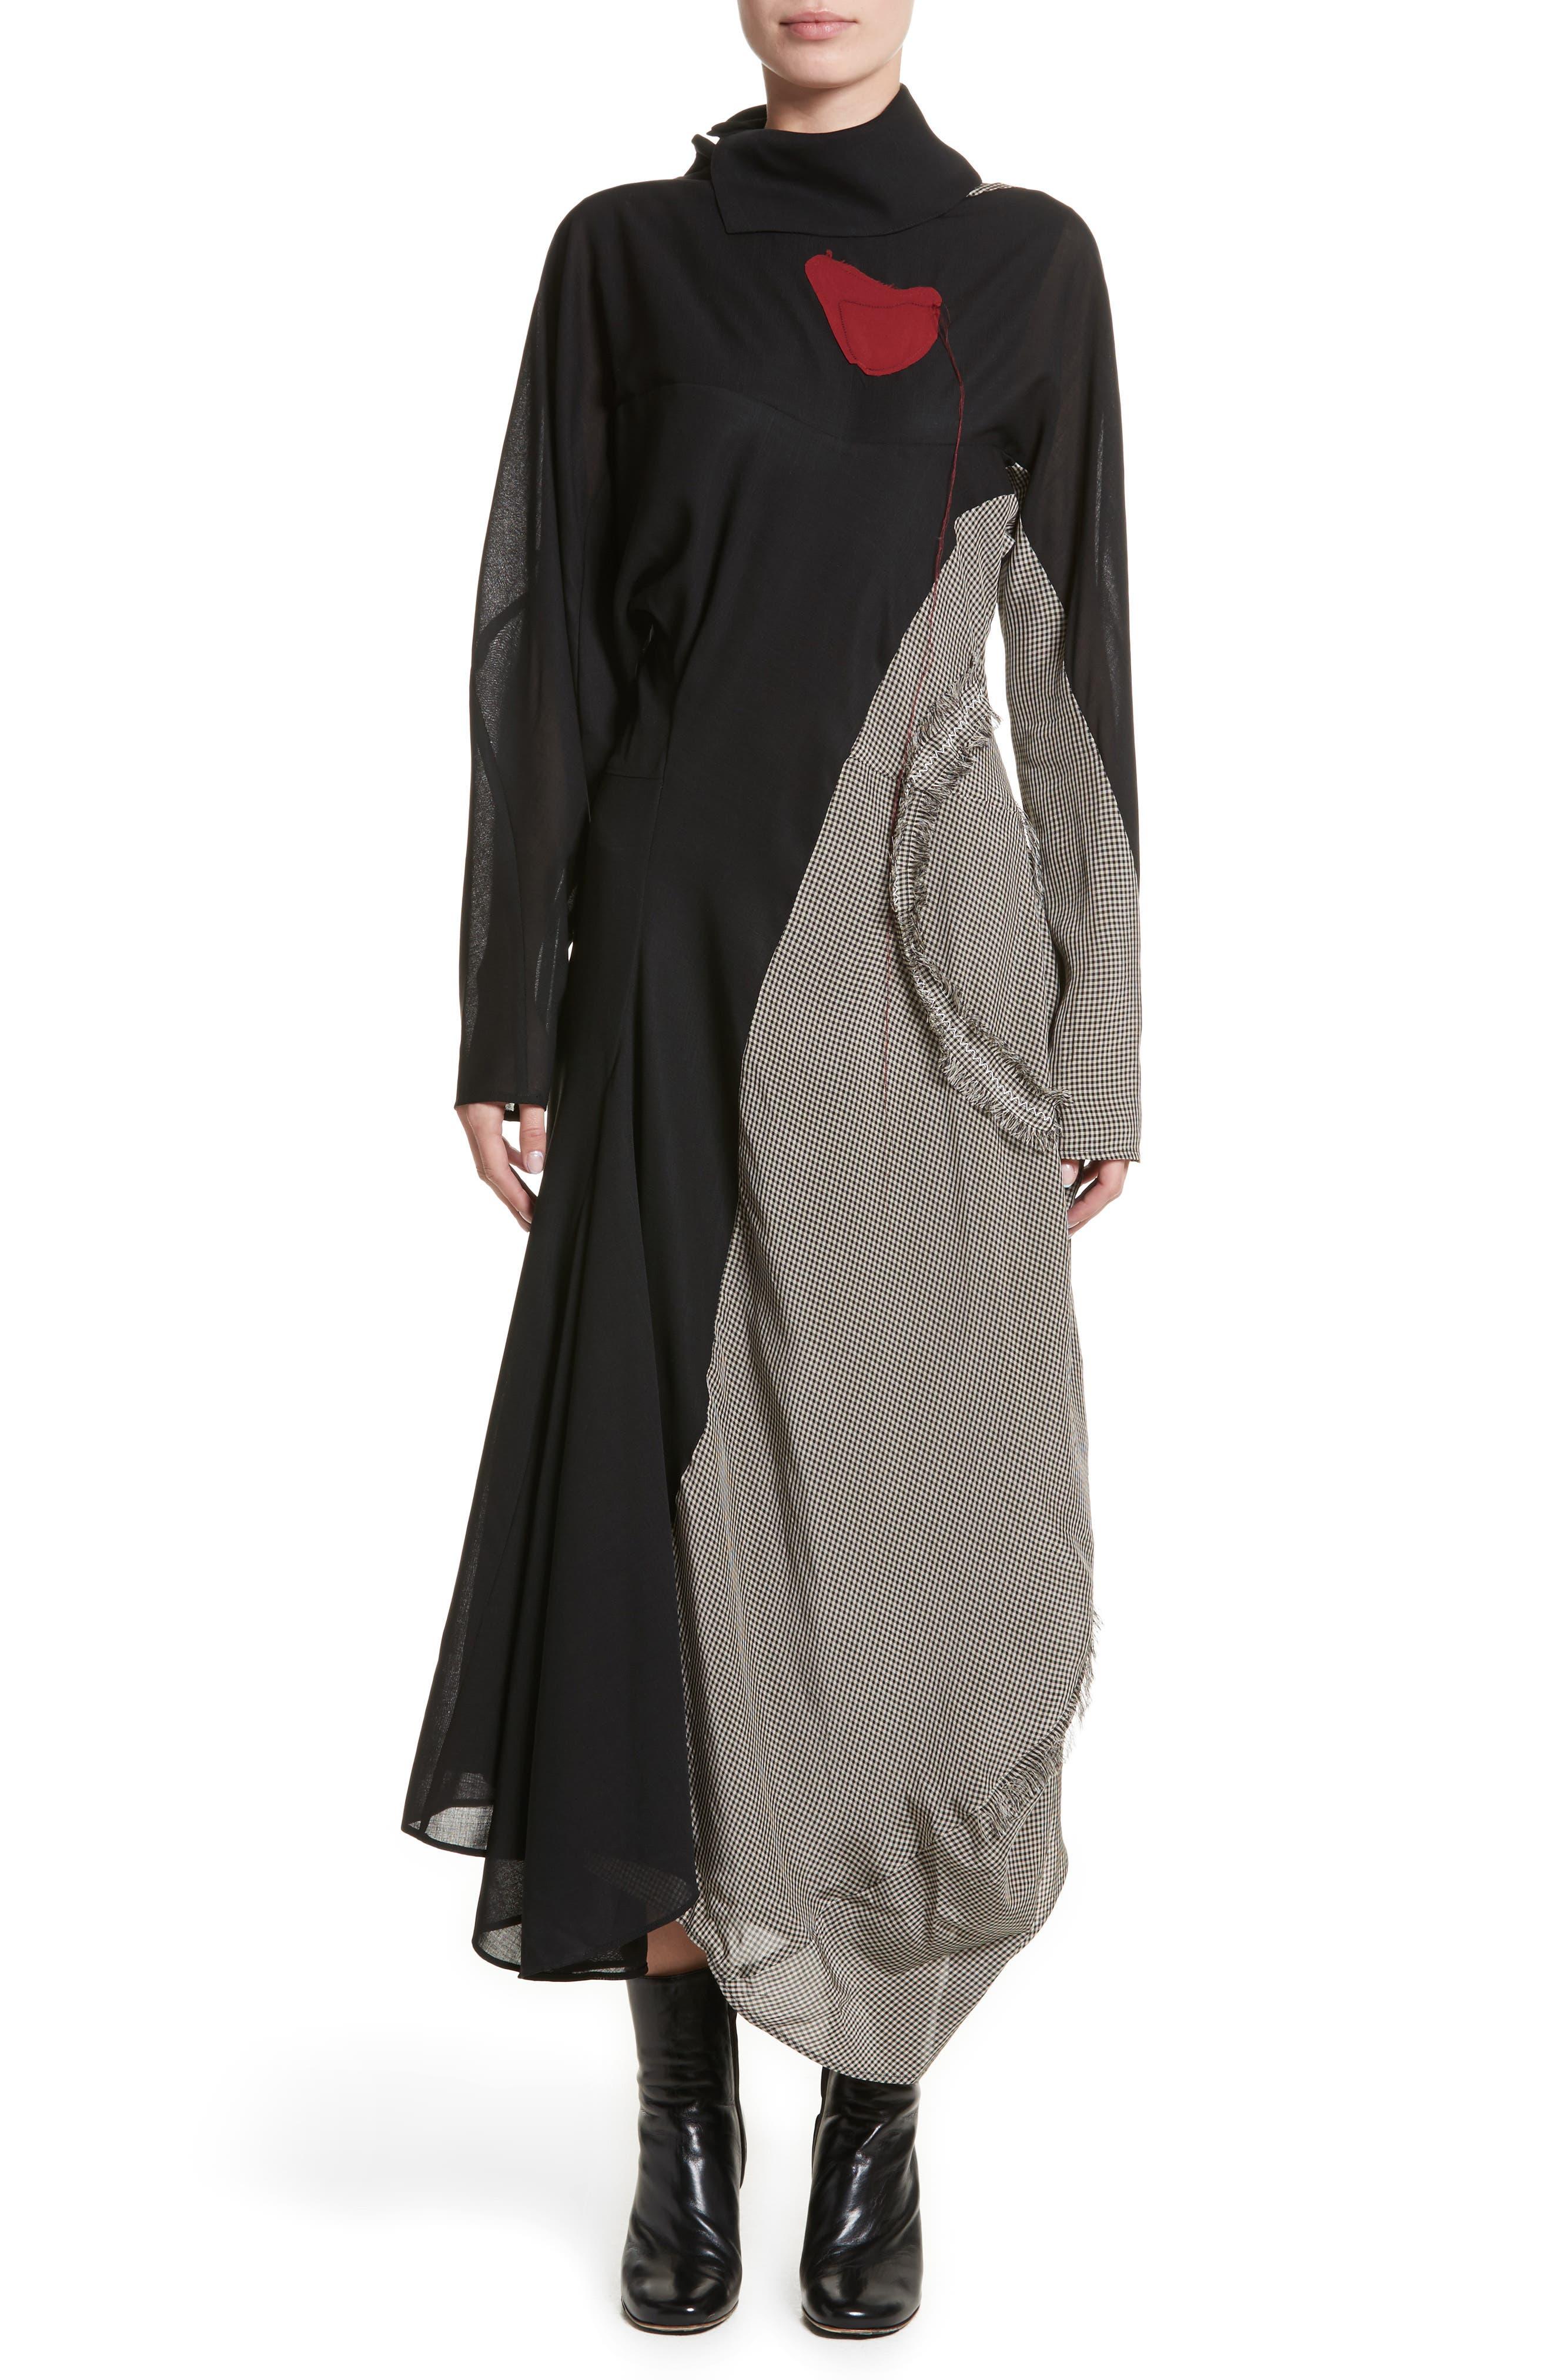 Dragica Mixed Media Dress,                         Main,                         color, Black